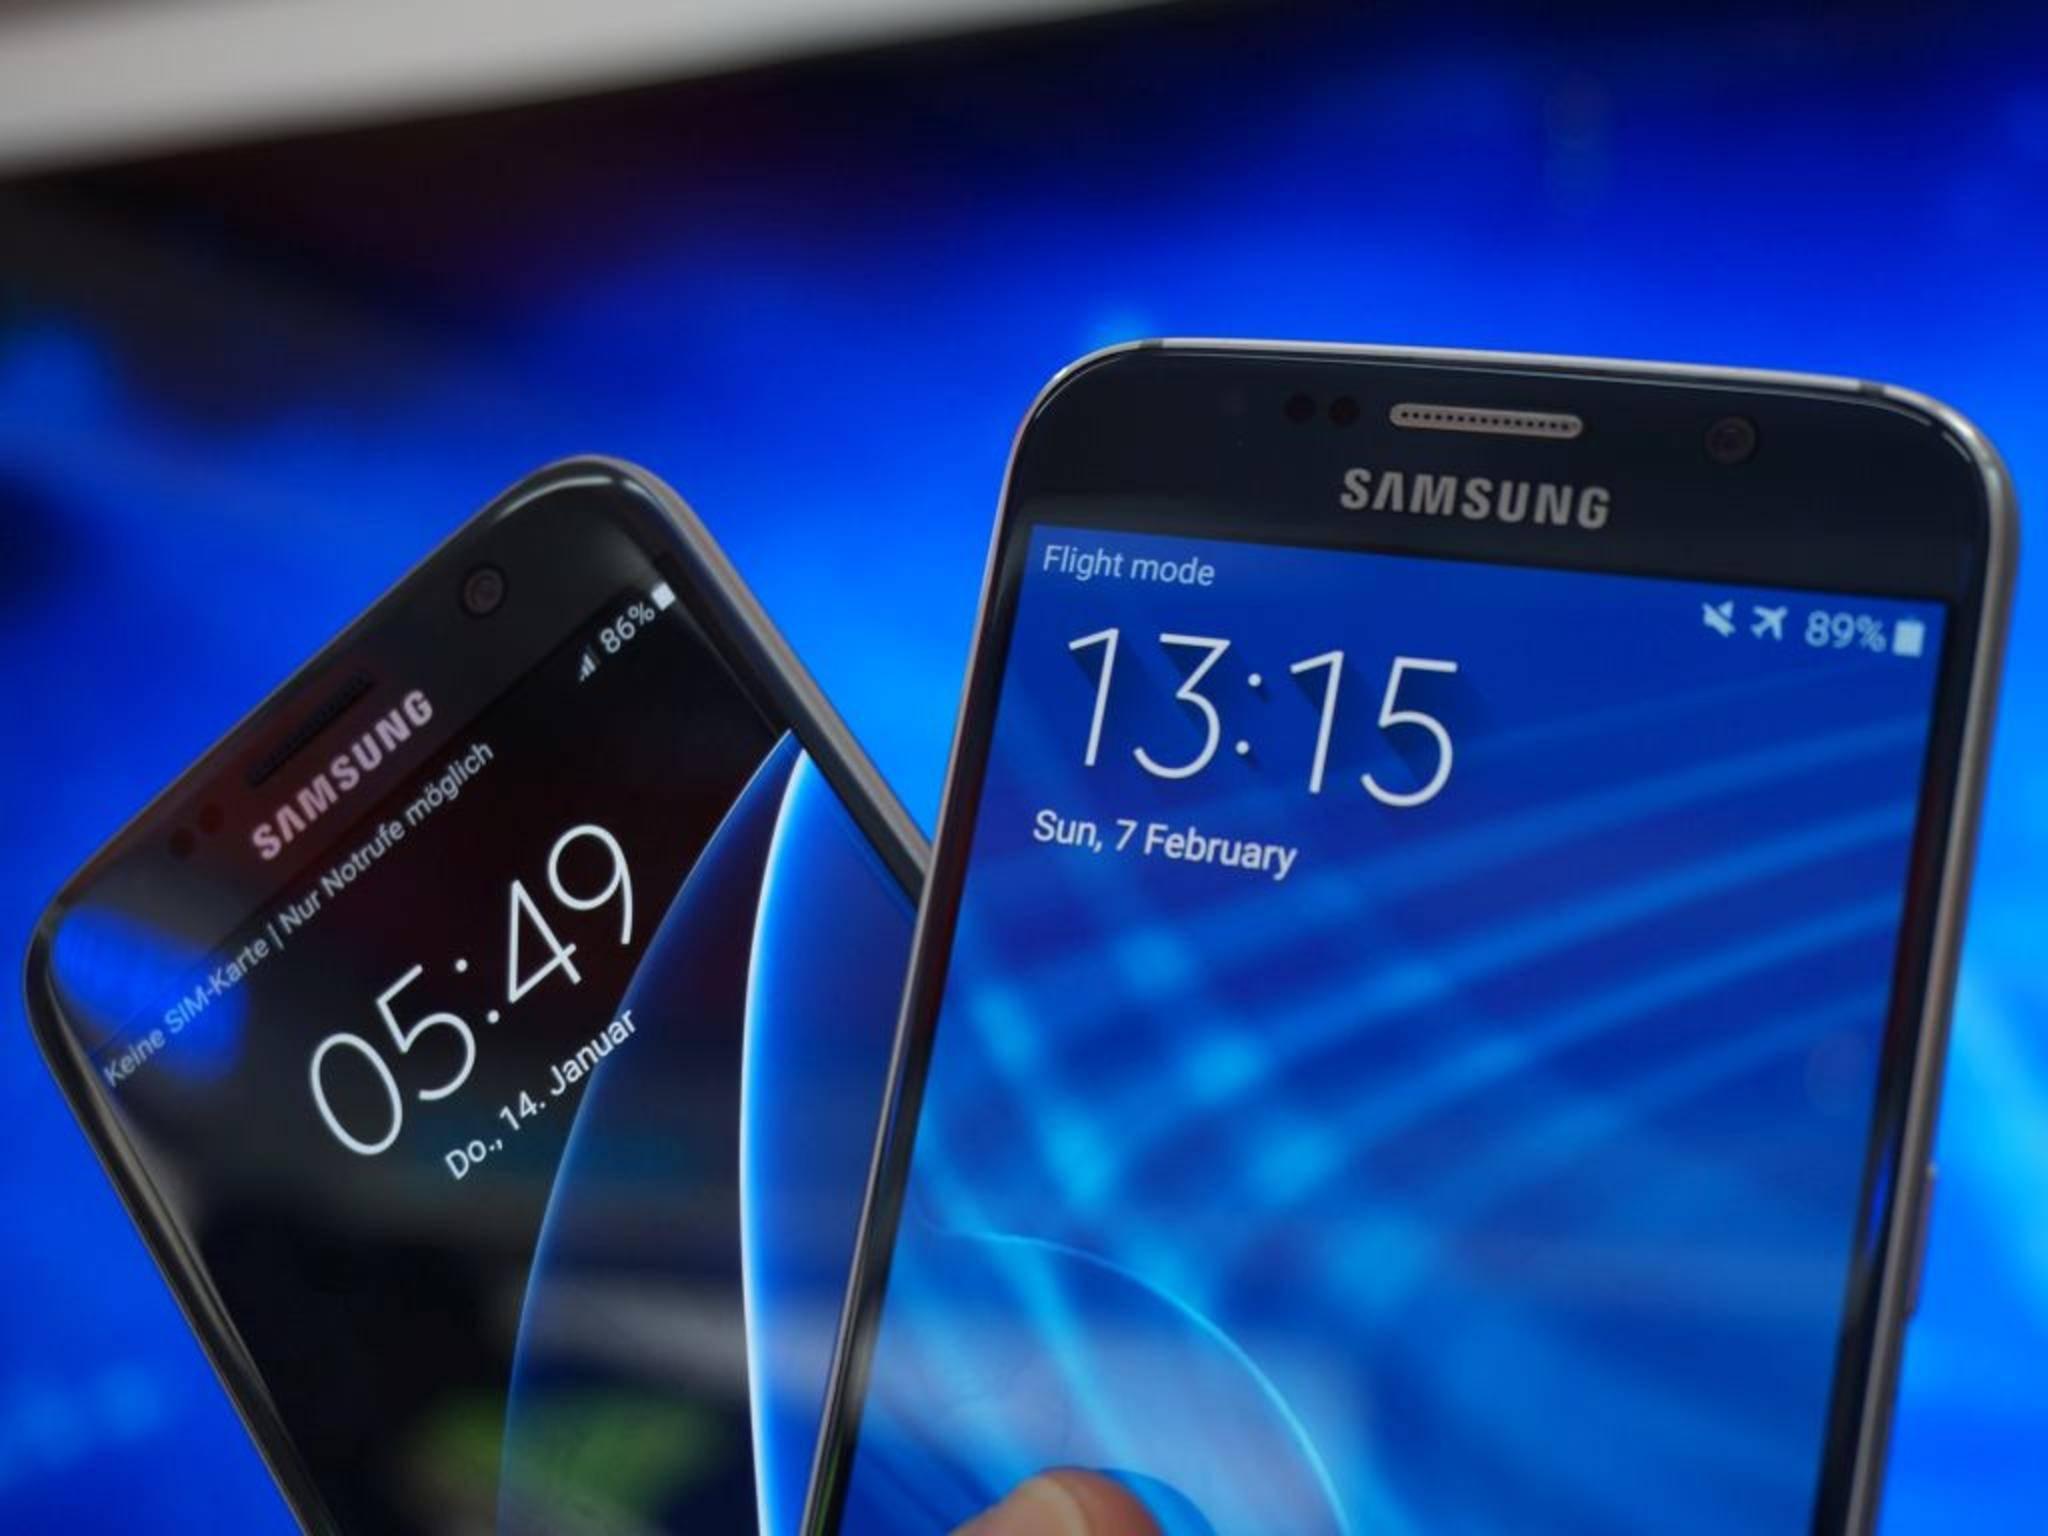 NICHT VERWENDEN VOR 21. FEBRUAR! Samsung Galaxy S7 Galaxy S6 11